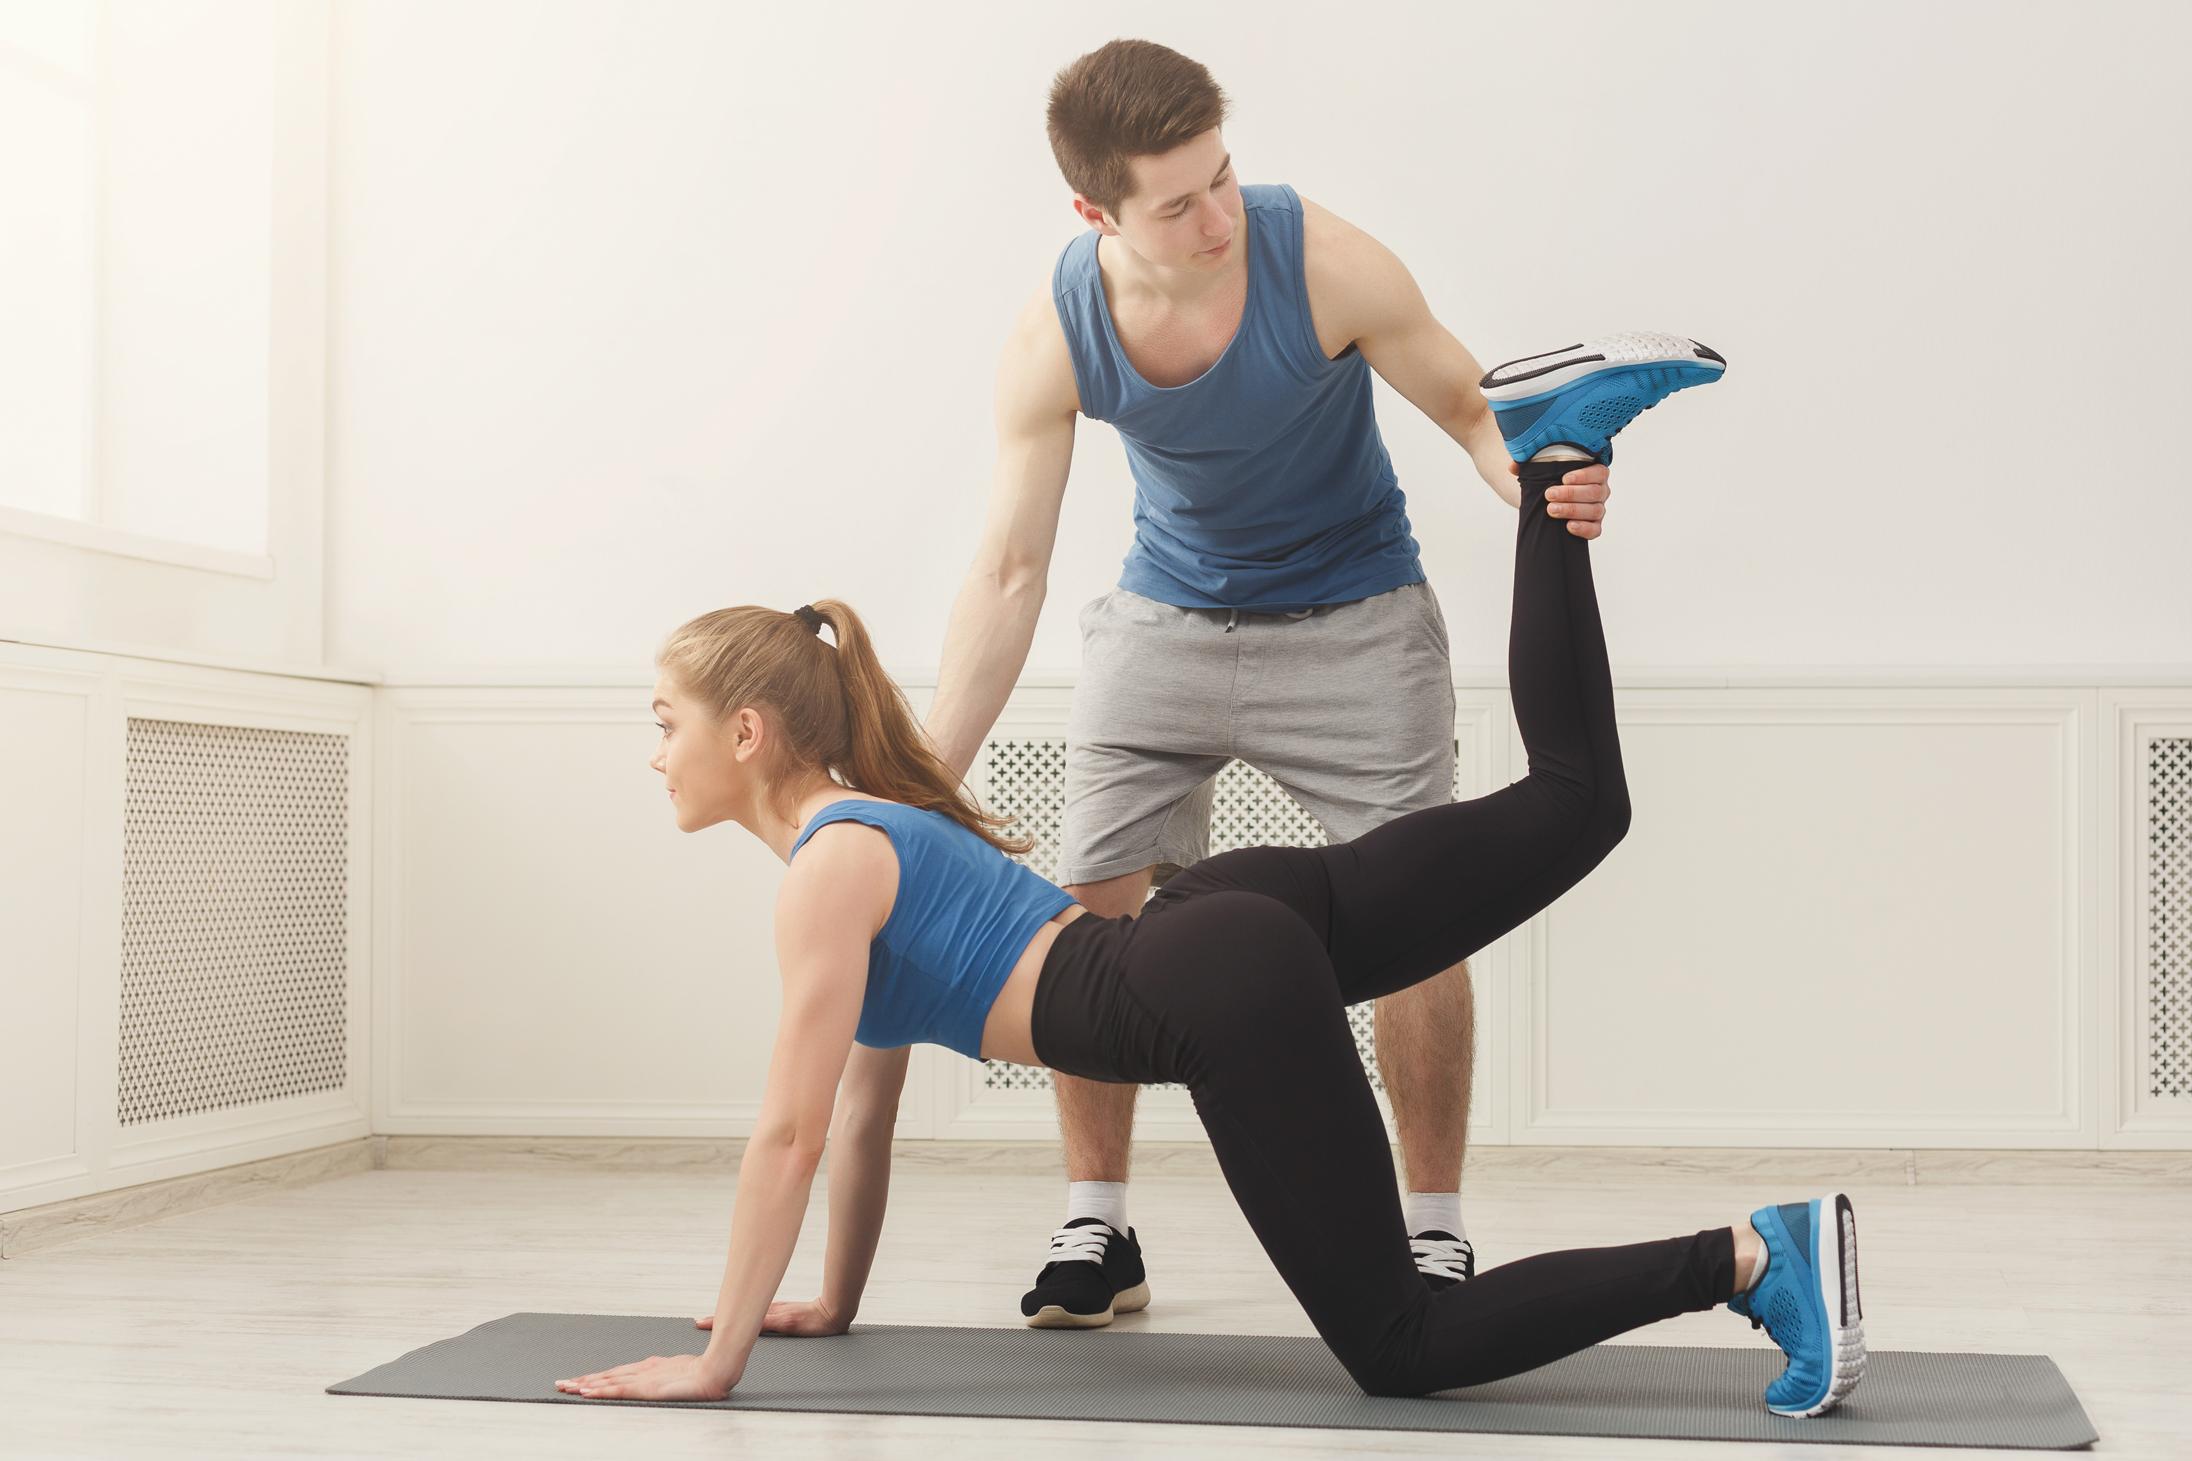 足のストレッチをするトレーナーと女性客